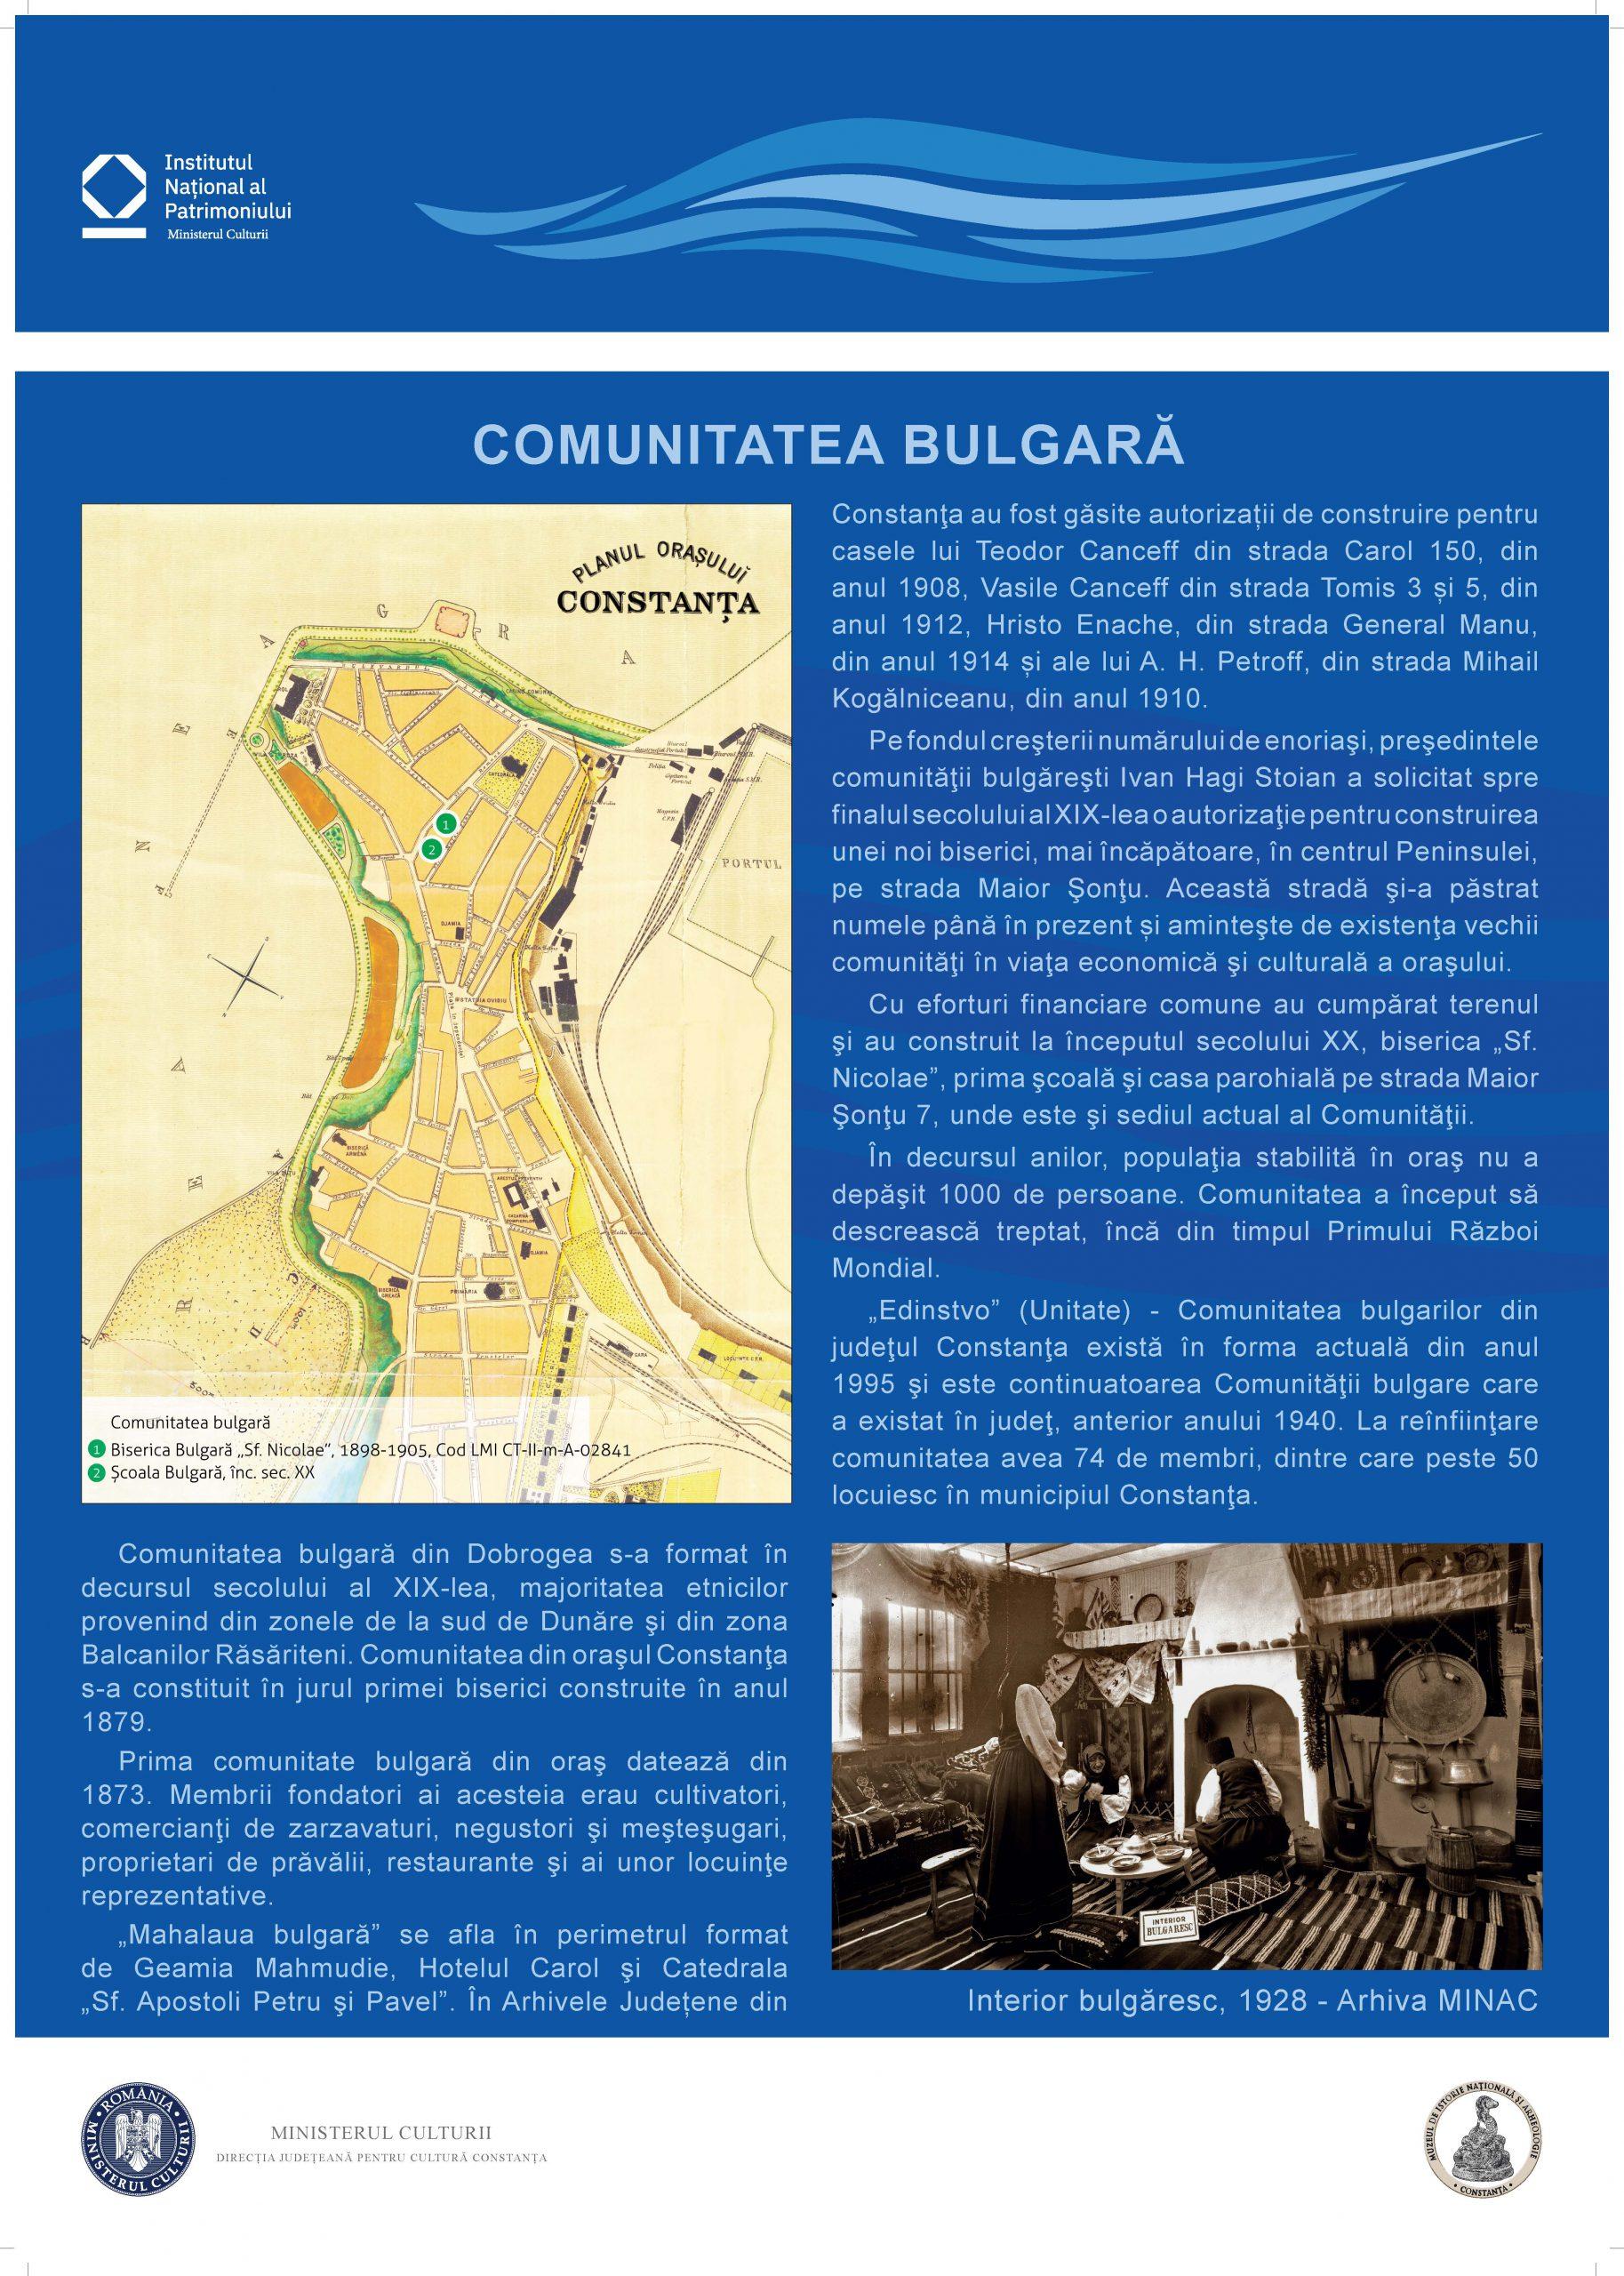 Comunitatea Bulgară